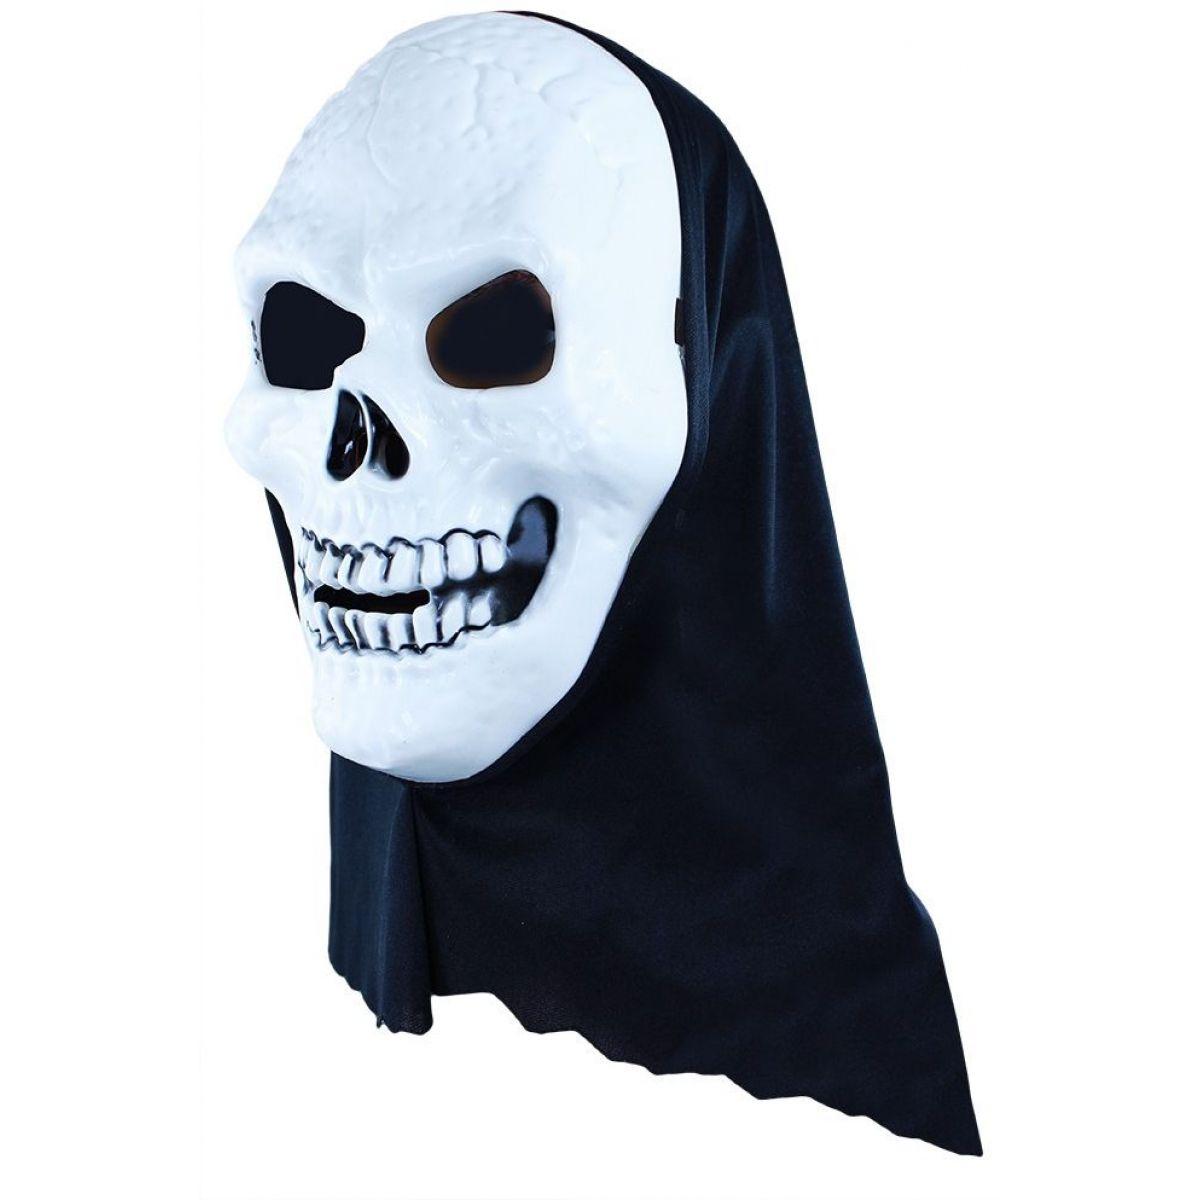 Rappa maska strašidelný duch